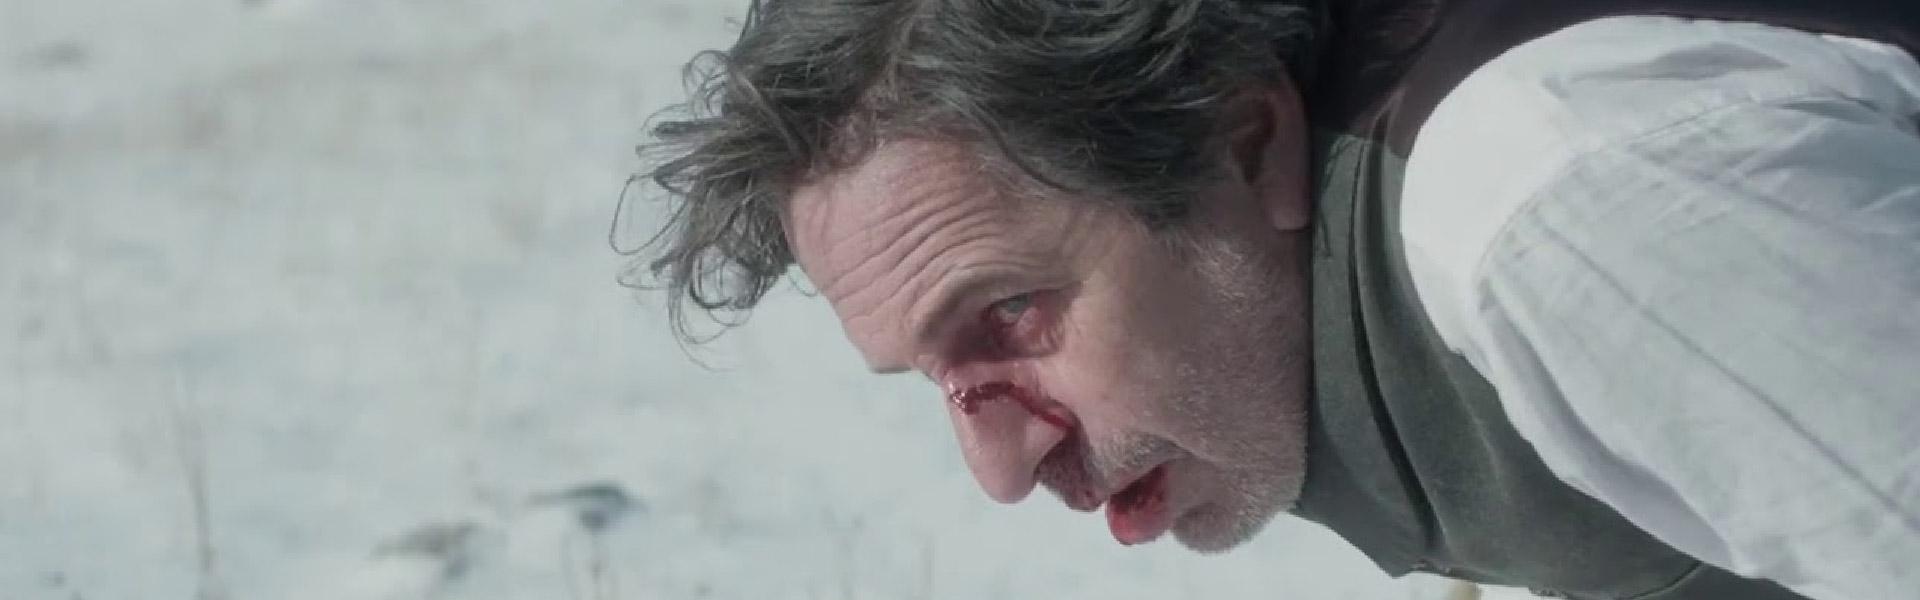 fotografía alfredo castro personificado en la película